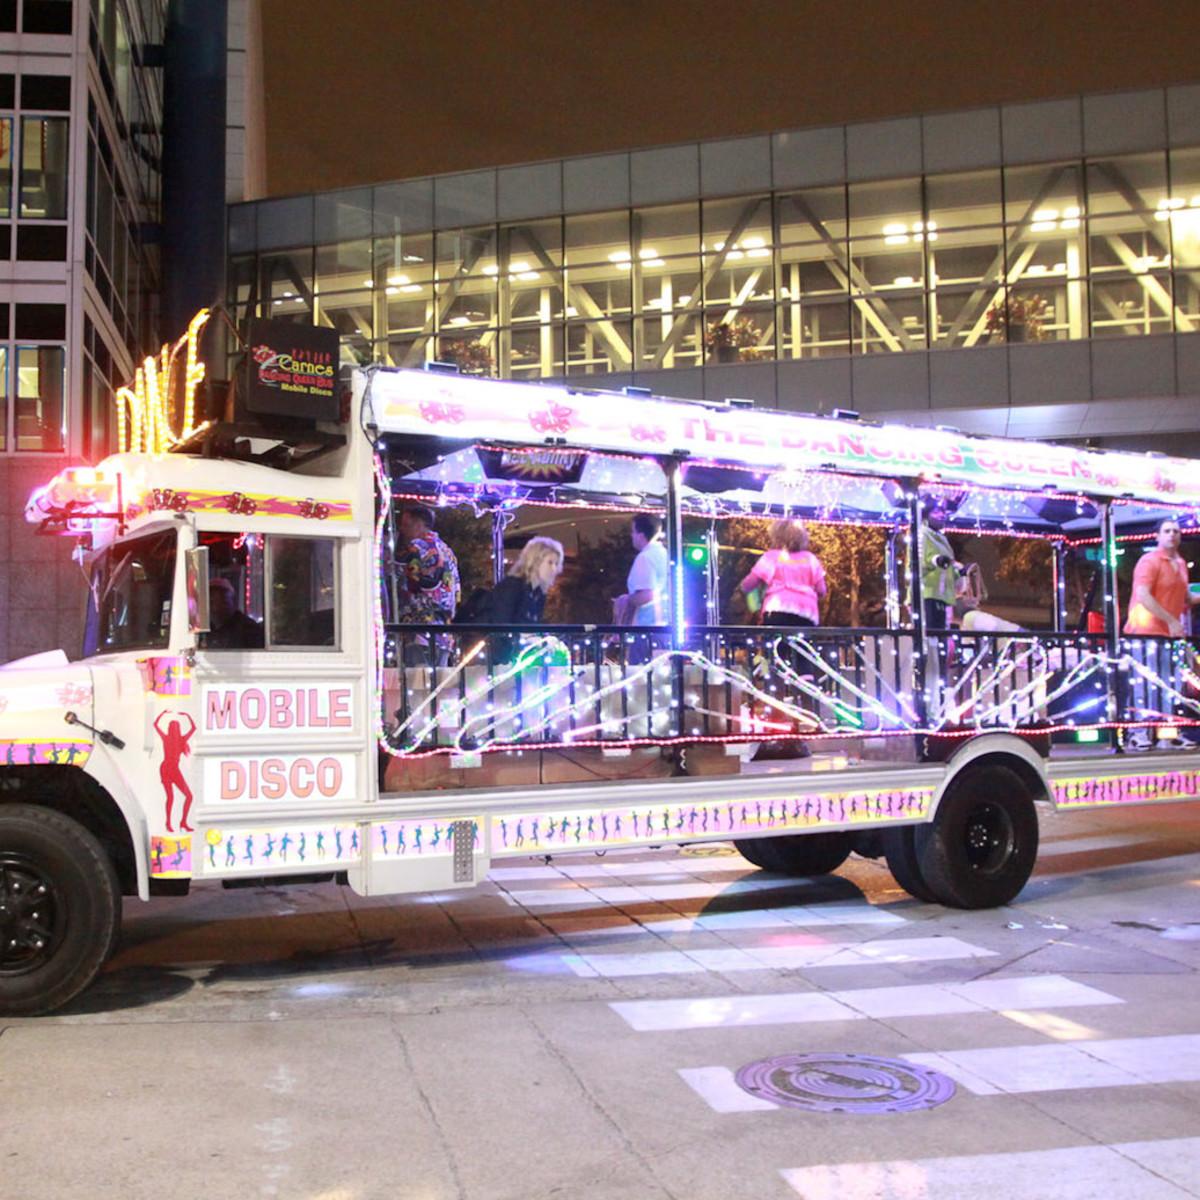 News_Gloworama 2009_disco bus